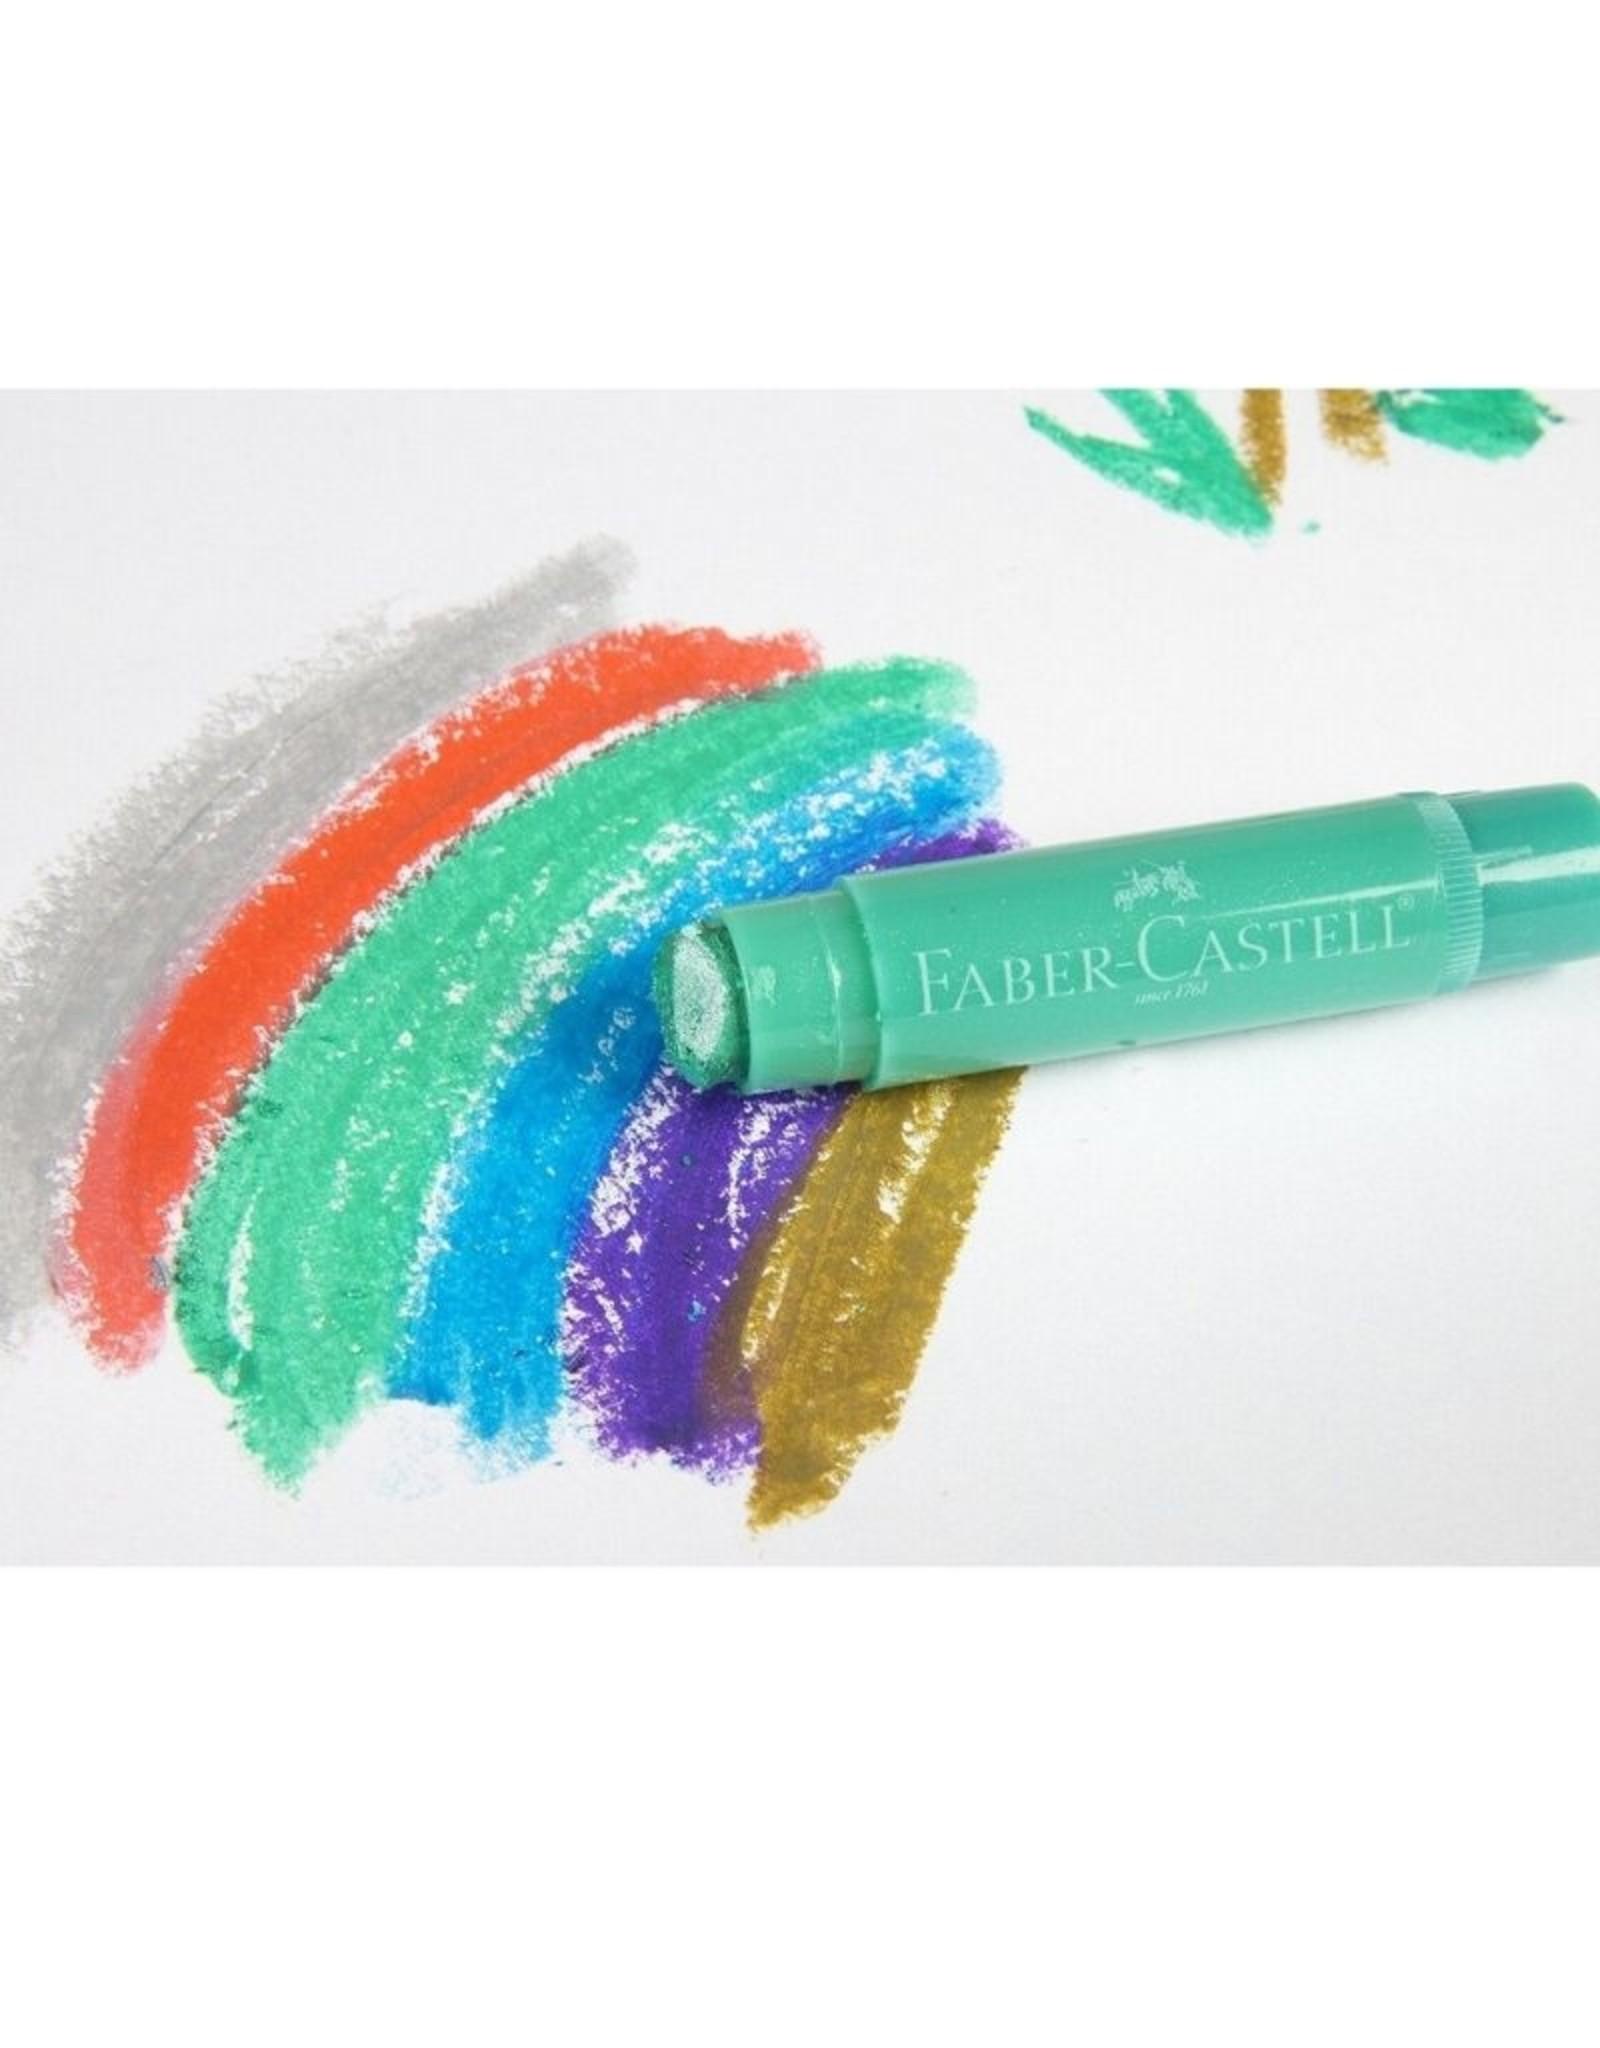 Faber-Castell Metallic Gel Sticks